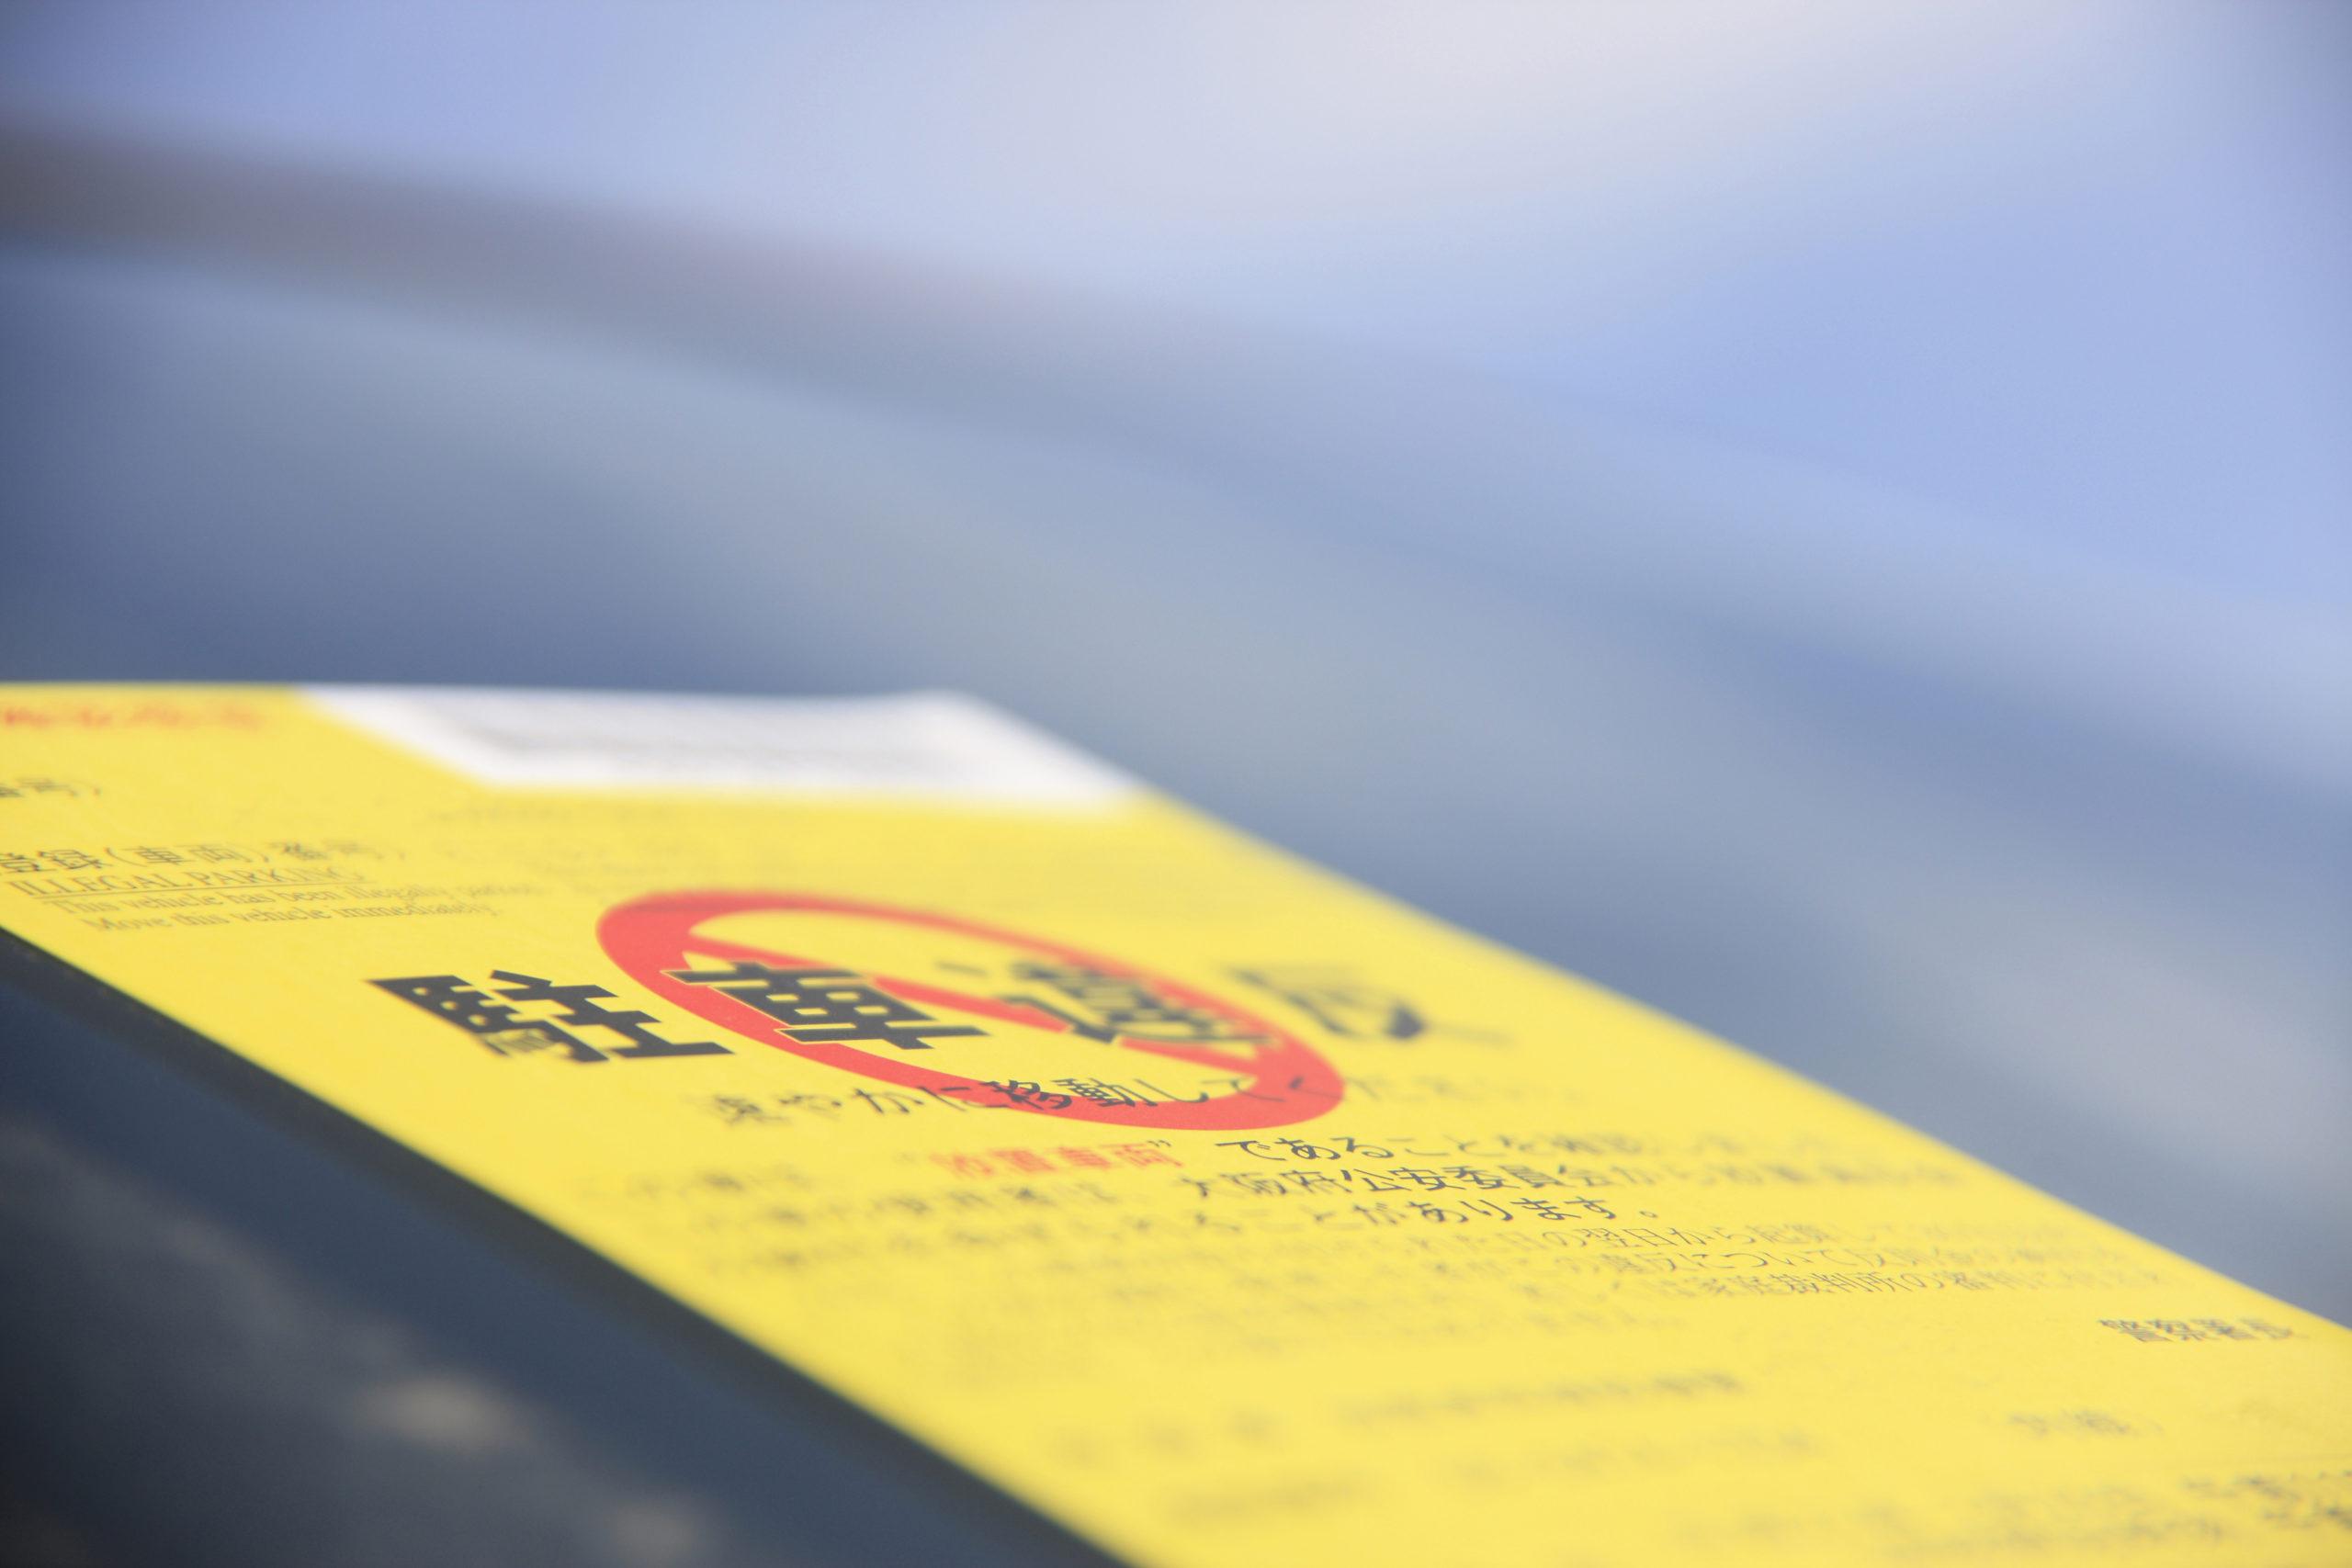 営業車の駐車違反に対する反則金や違反点数について